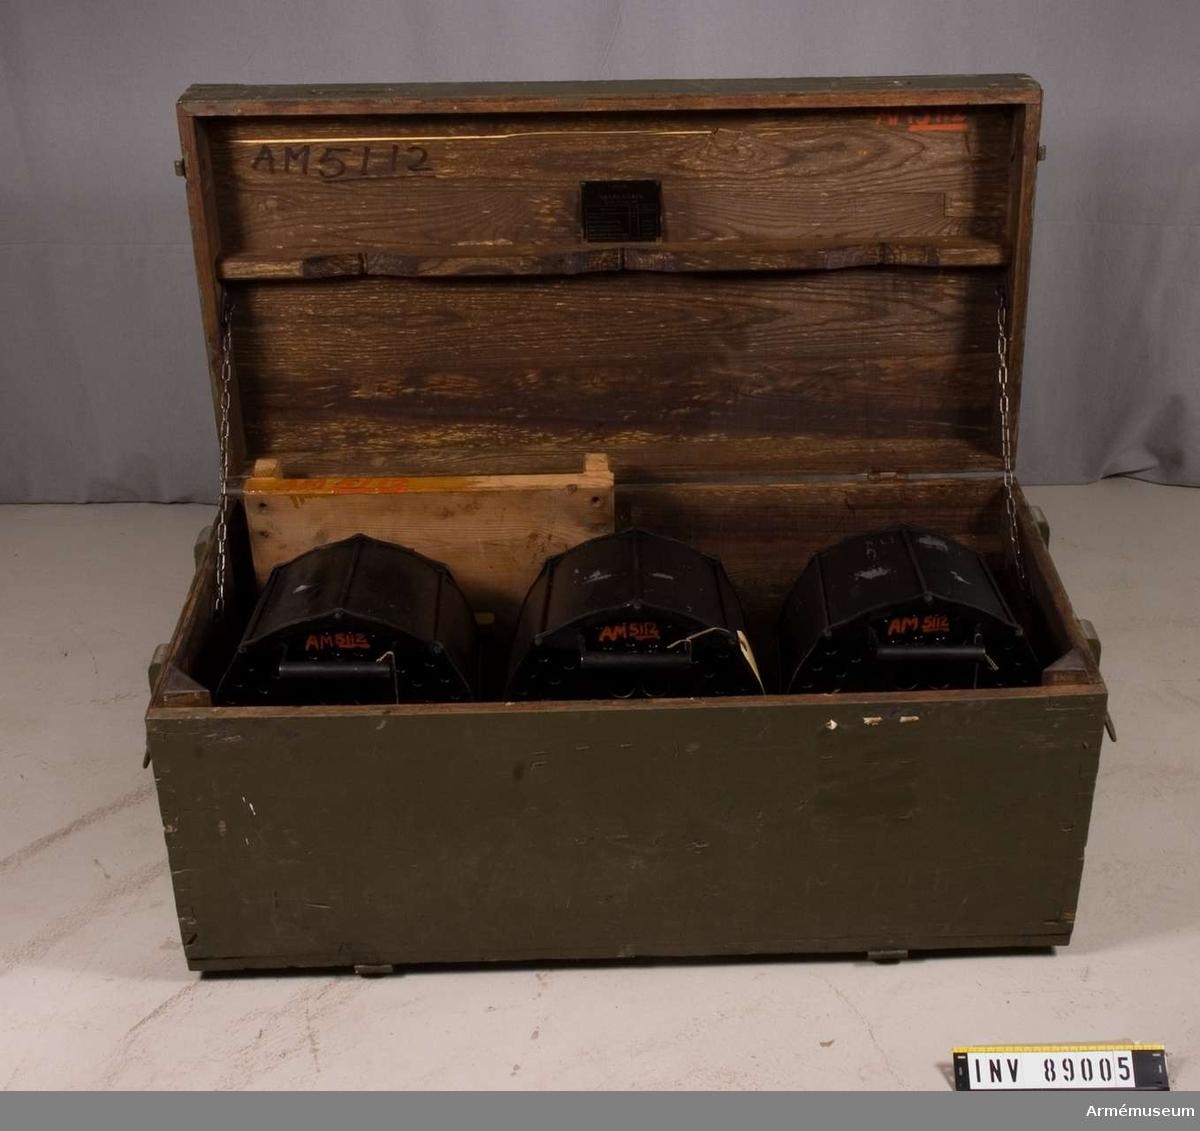 Magasin till 20 mm luftvärnsautomatkanon m/1941. 3 st i låda med tillbehör